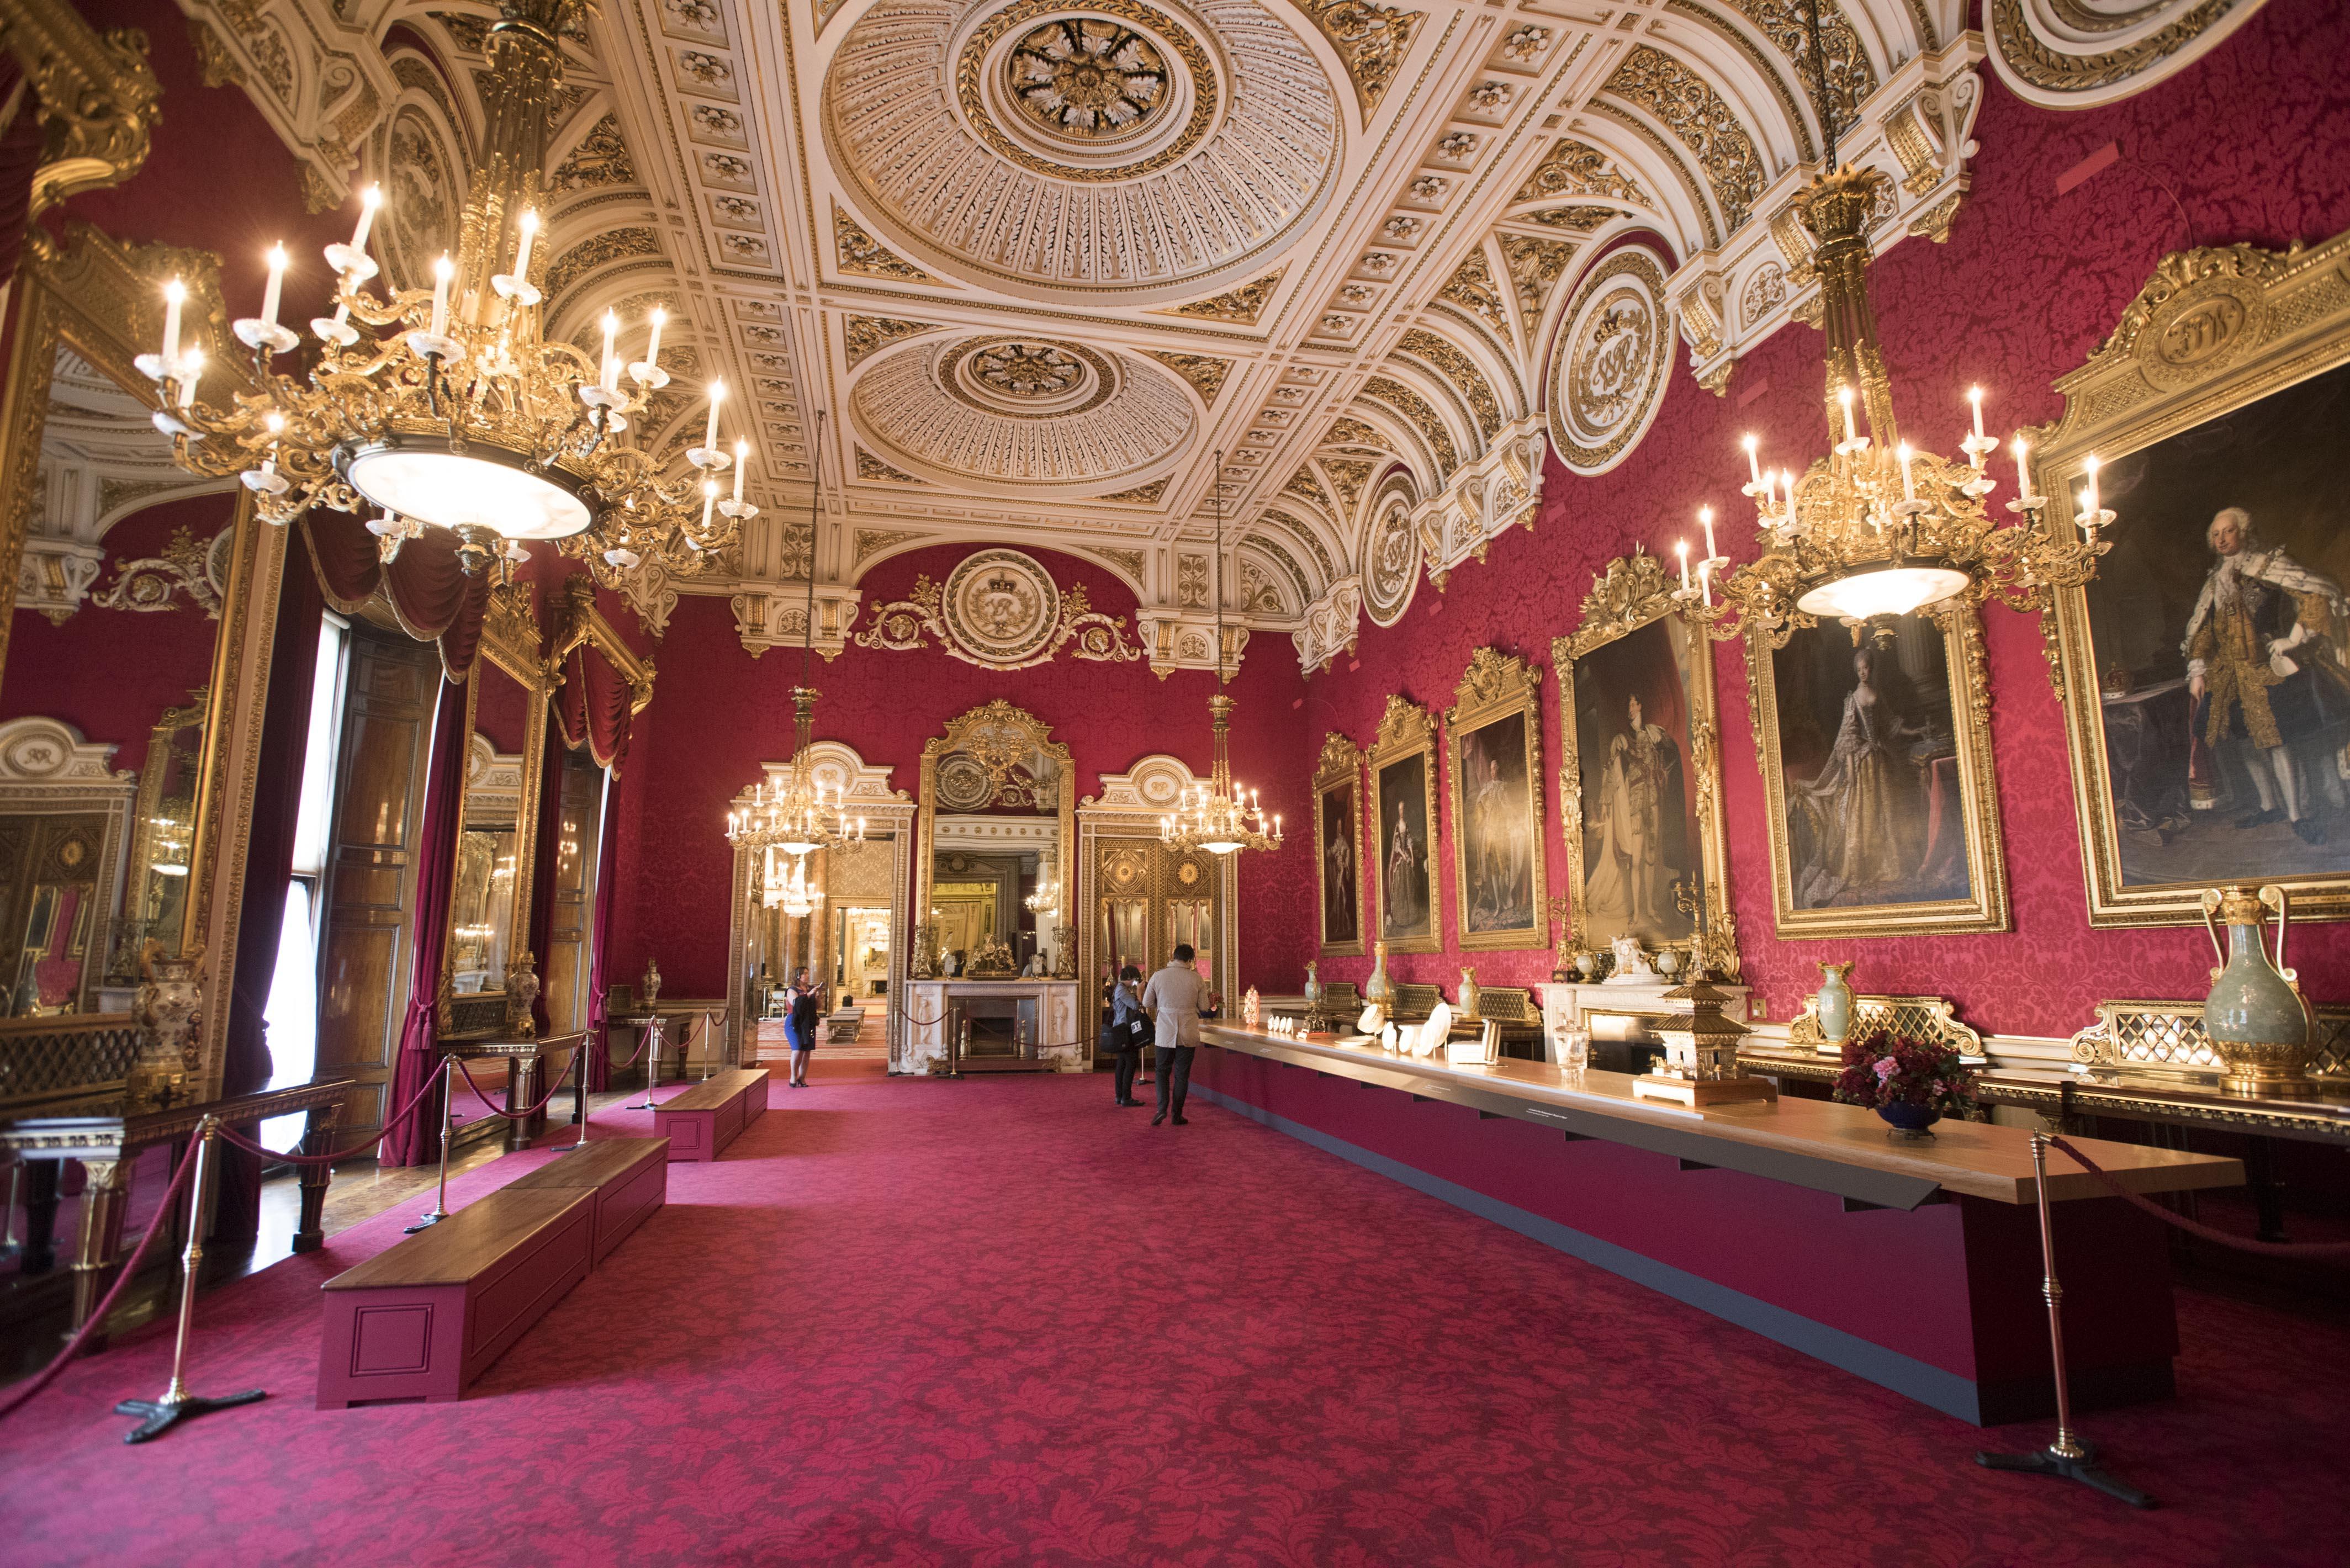 Dettaglio del palazzo dei reali inglesi